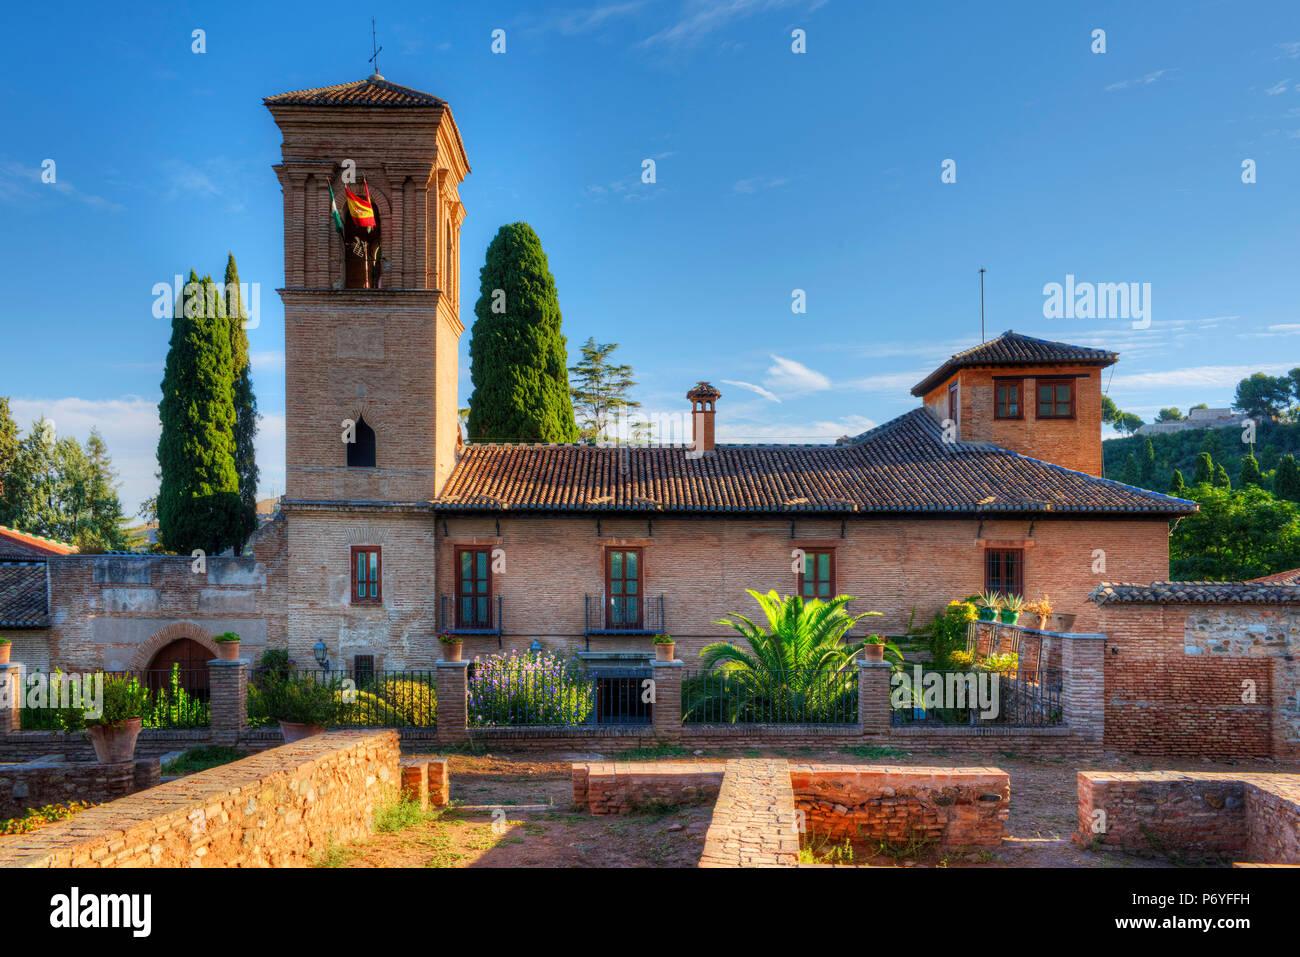 Convento de San Francisco, de la Alhambra, declarado Patrimonio de la Humanidad por la UNESCO, Granada, España Imagen De Stock